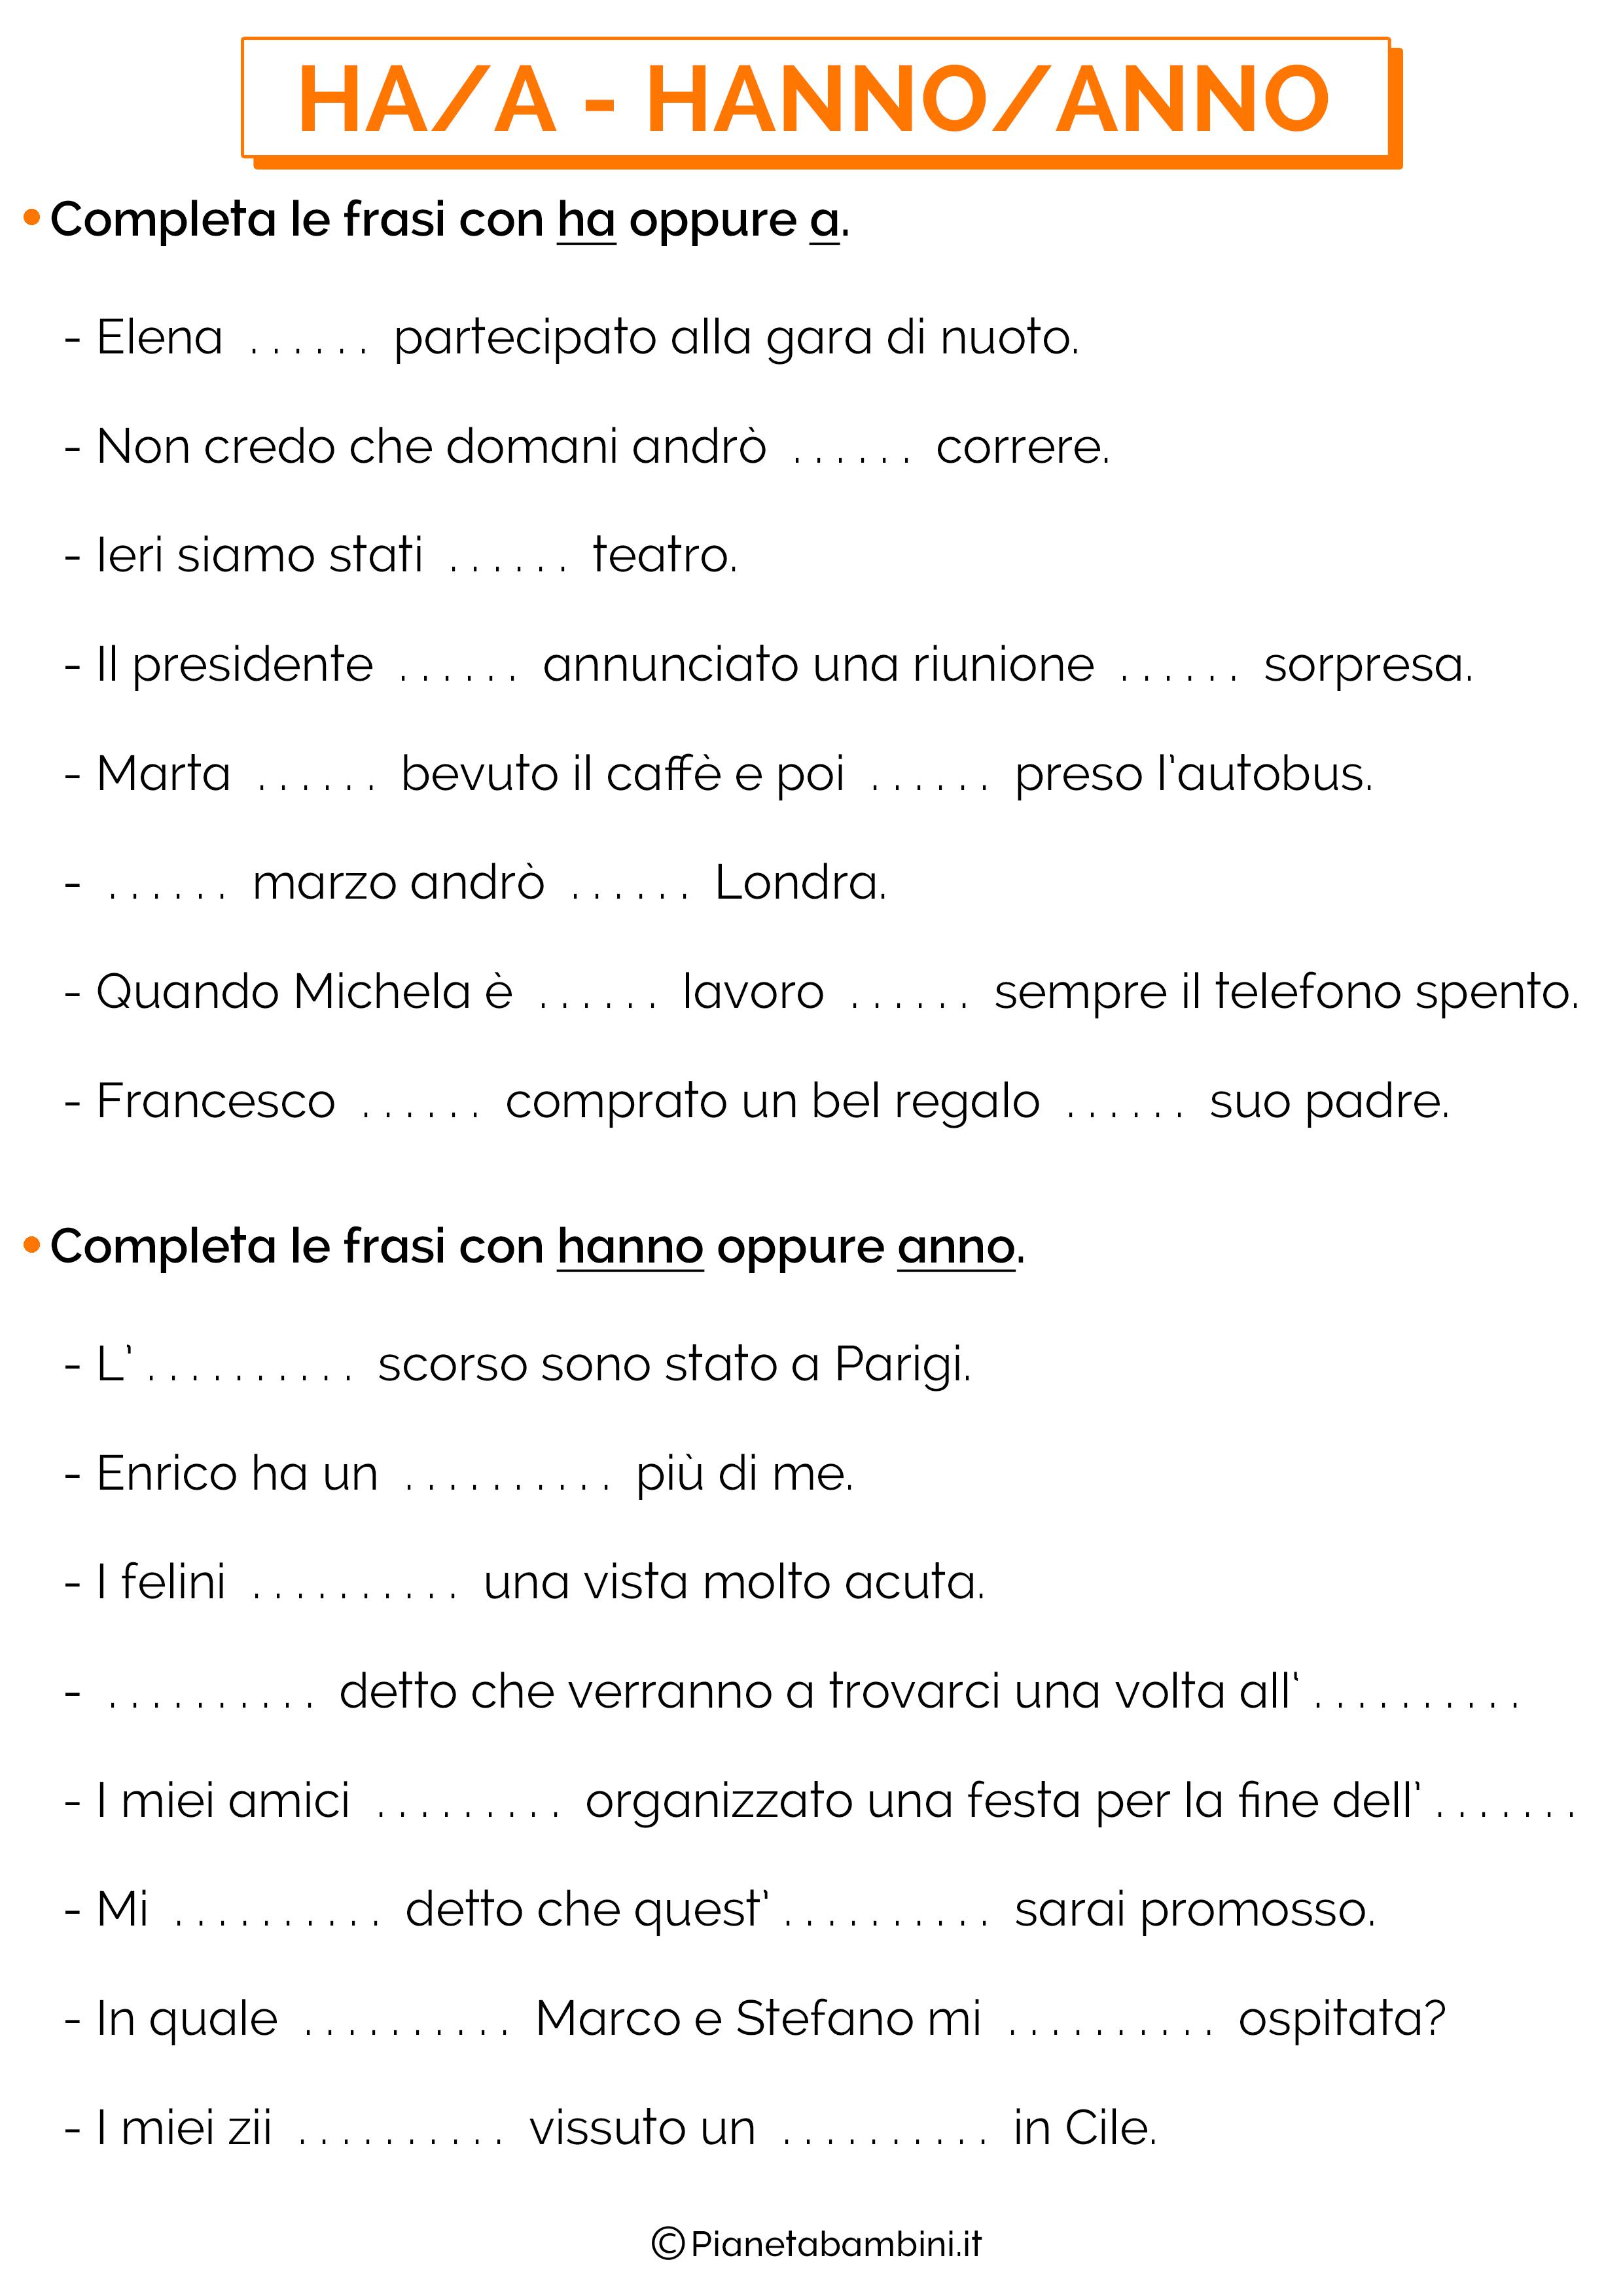 Scheda didattica su HA-A e HANNO-ANNO